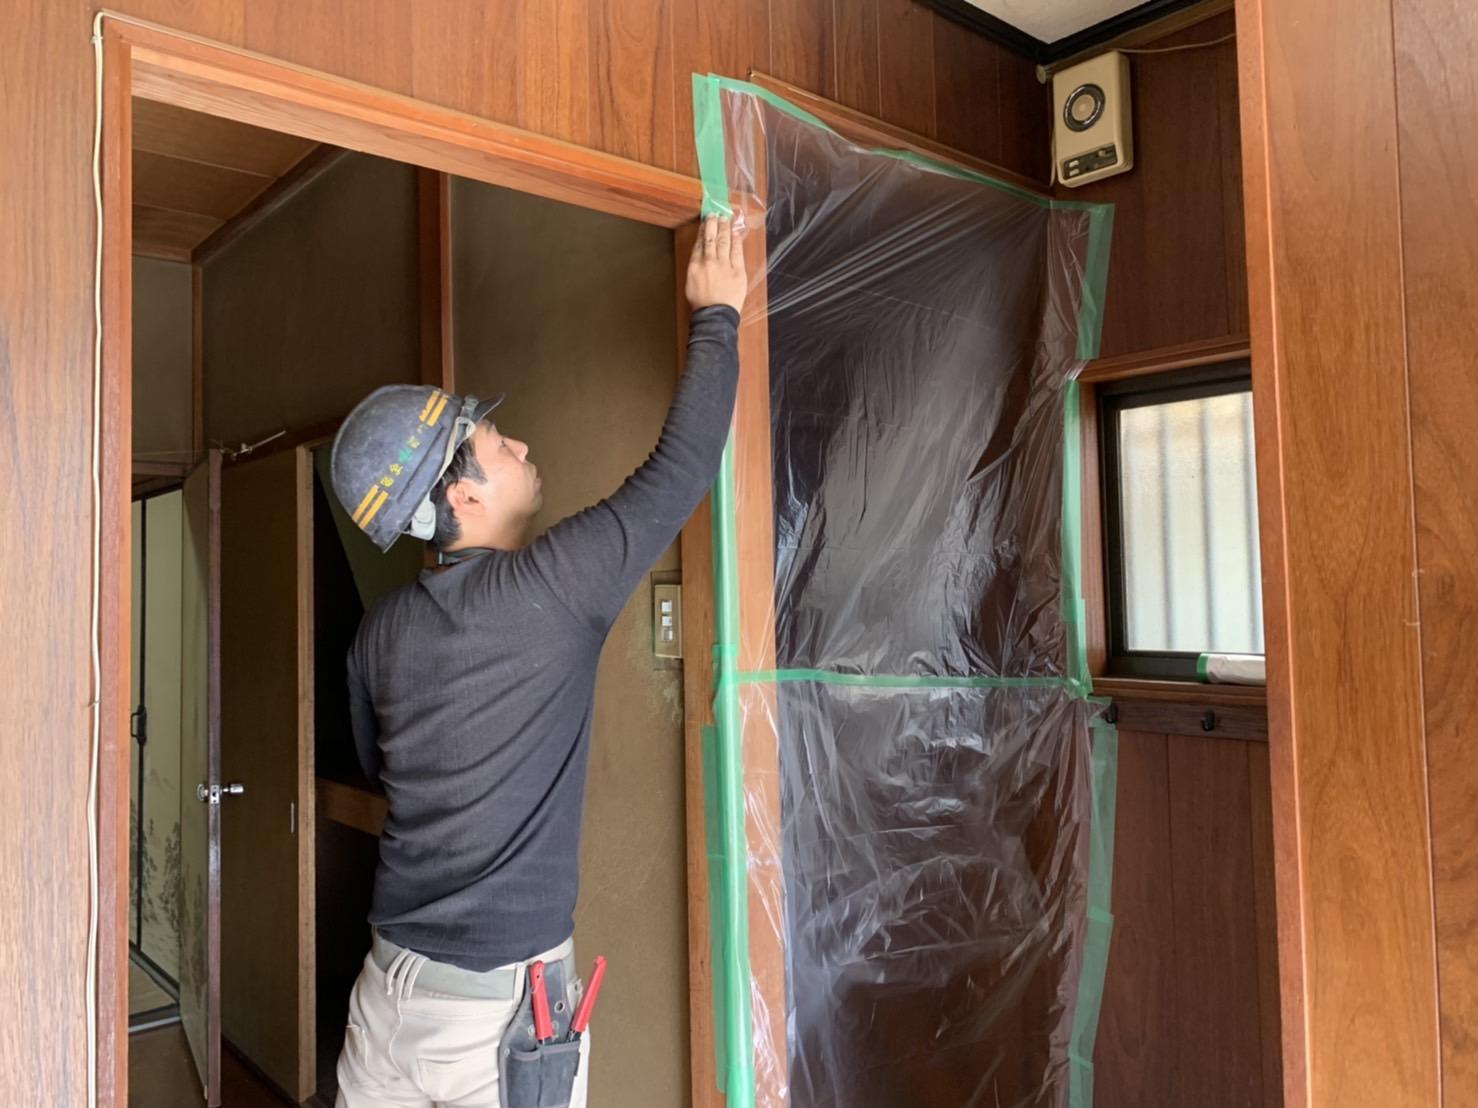 京都市 解体工事 「 滋賀県大津市  木造2階建家屋内部解体工事 」